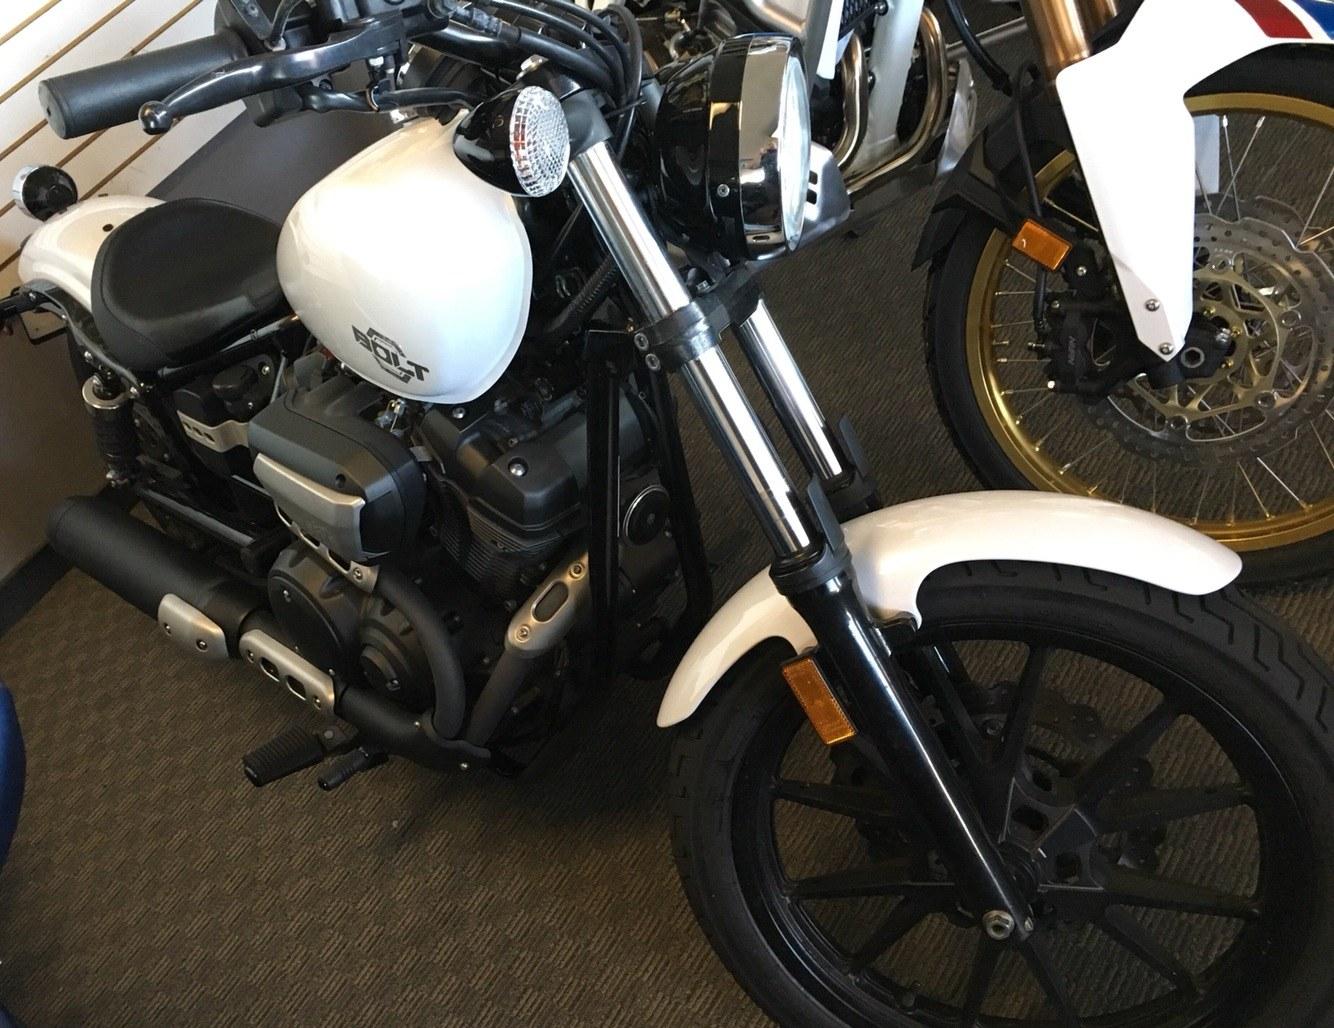 2014 Yamaha Bolt for sale 249898